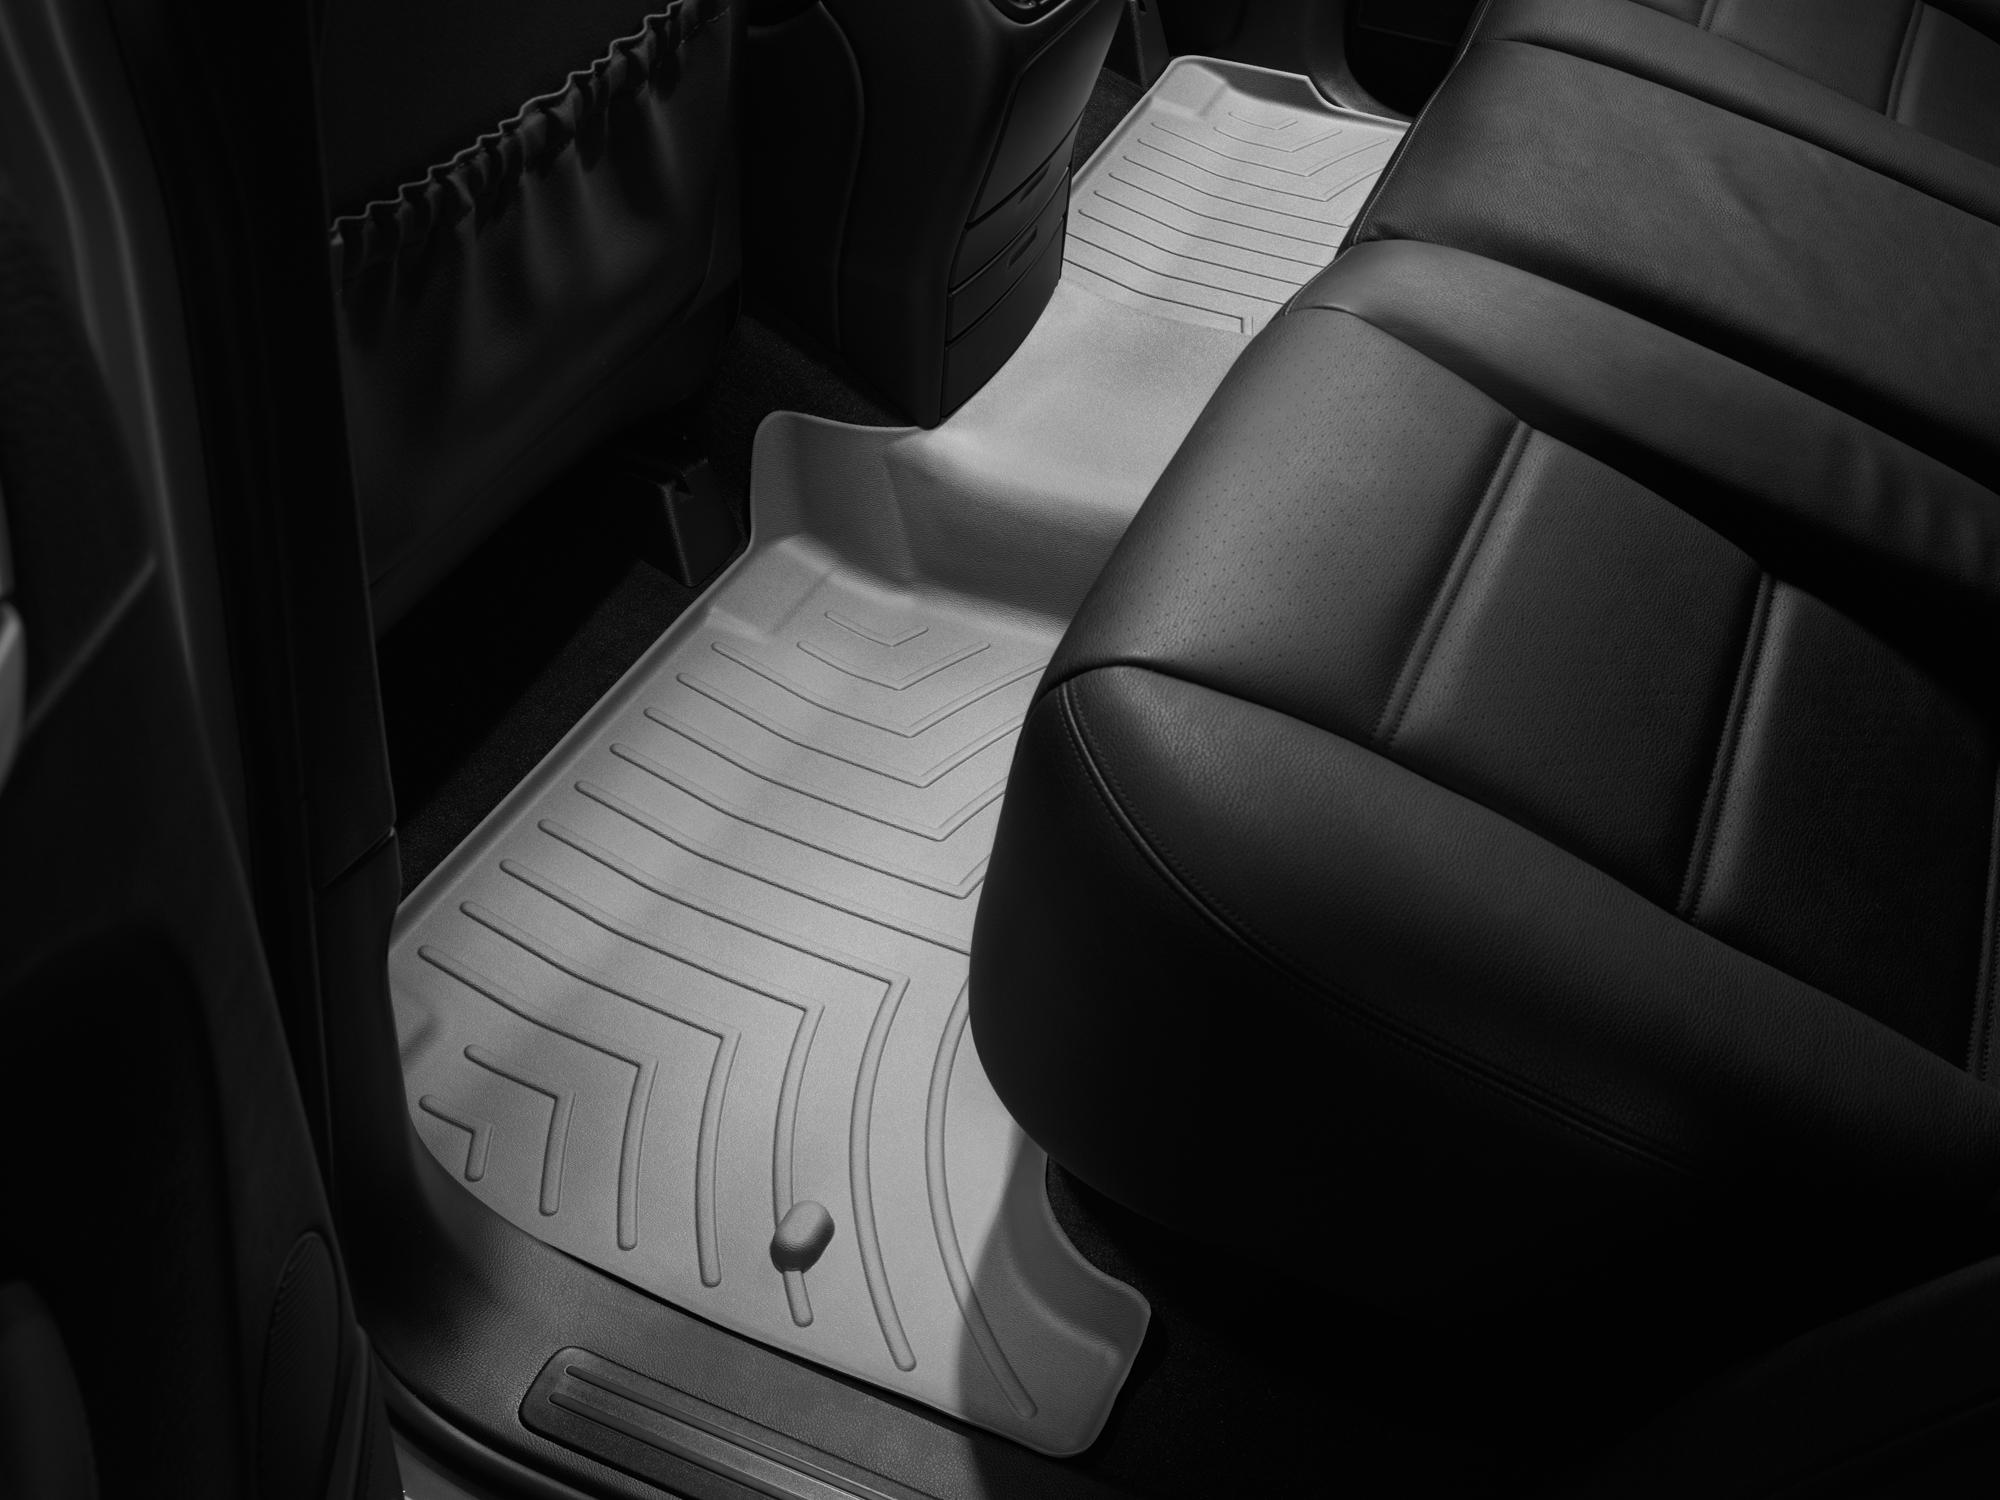 Tappeti gomma su misura bordo alto Volkswagen Touareg 02>06 Grigio A4279*